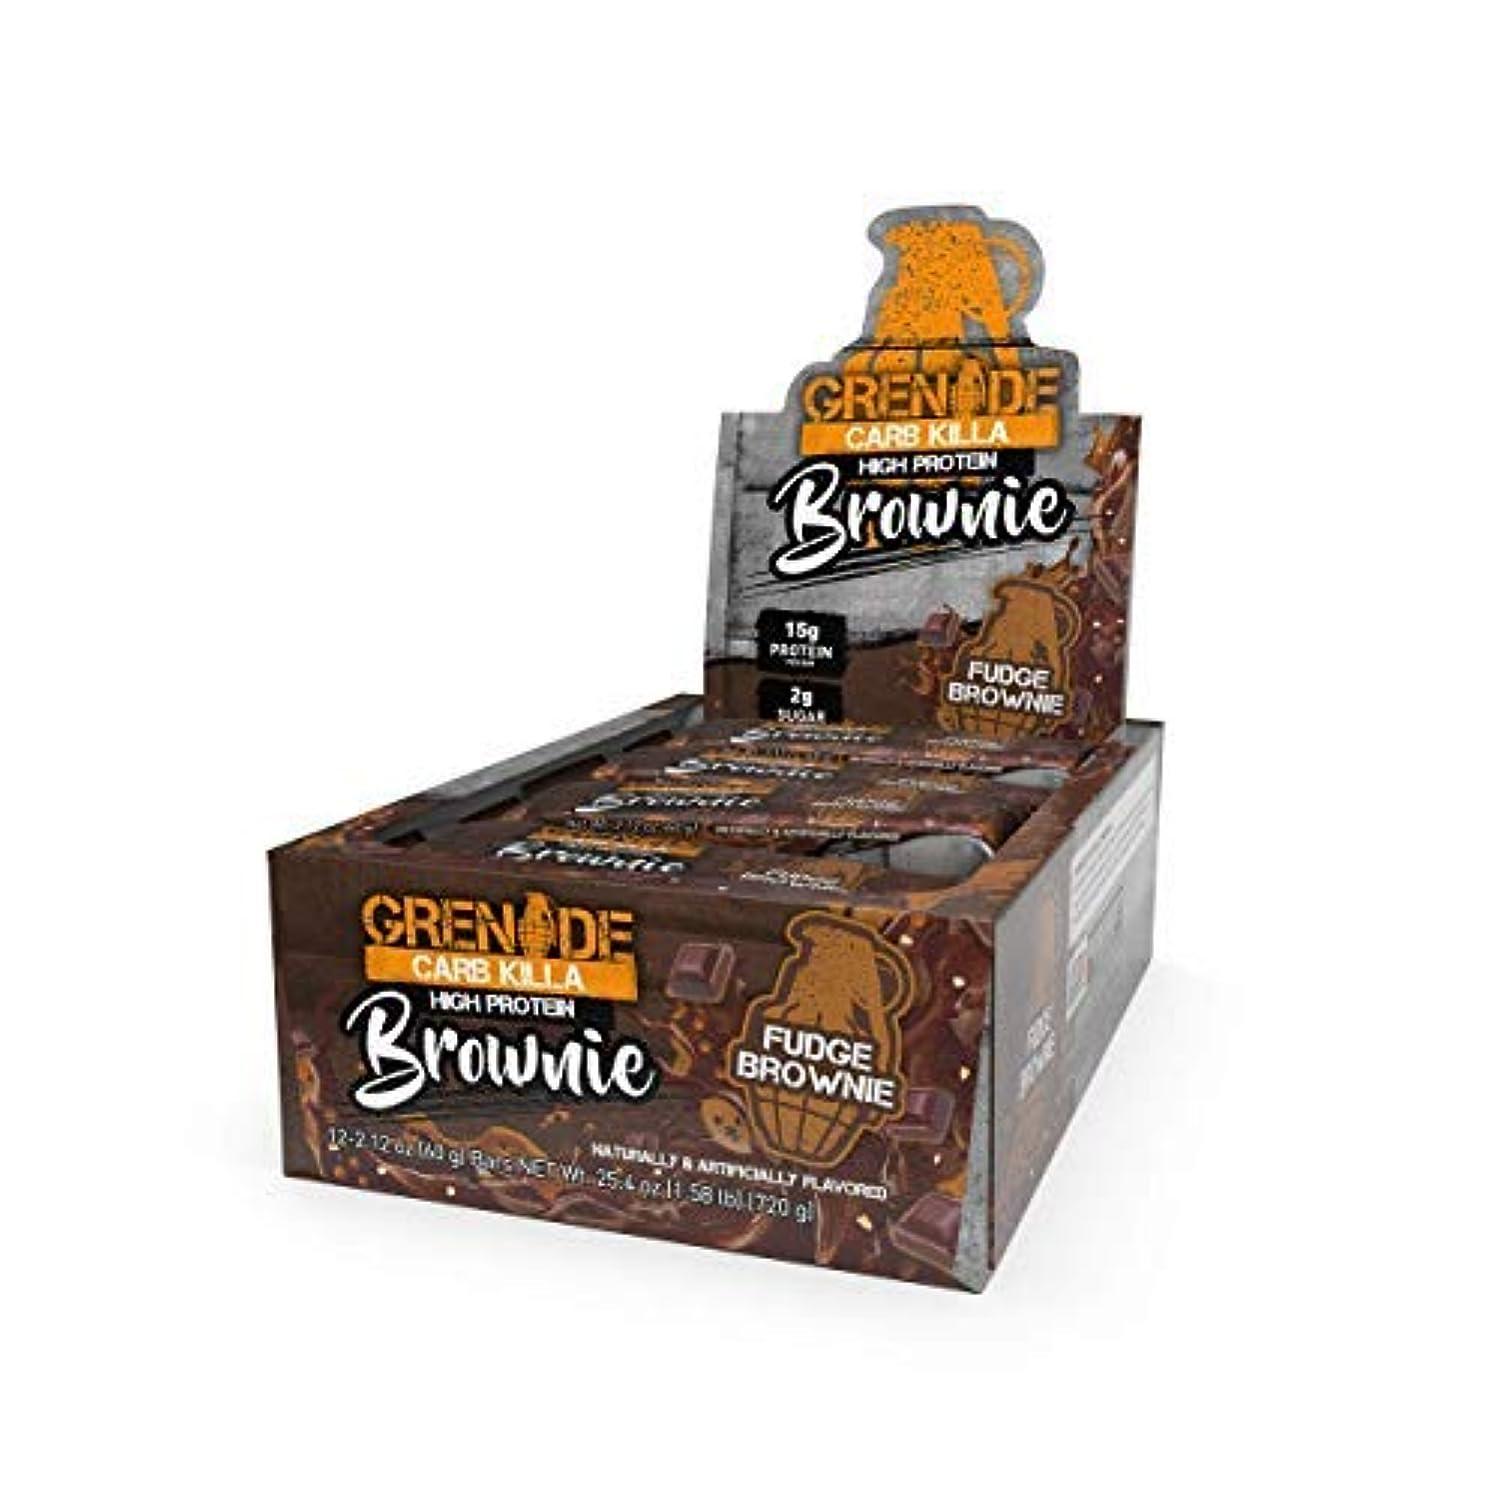 完全にラボ戦いGrenade Carb Killa Brownie High Protein Suitable Meal Replacement for Weight Loss 60 Grams Pack of 12 [並行輸入品]